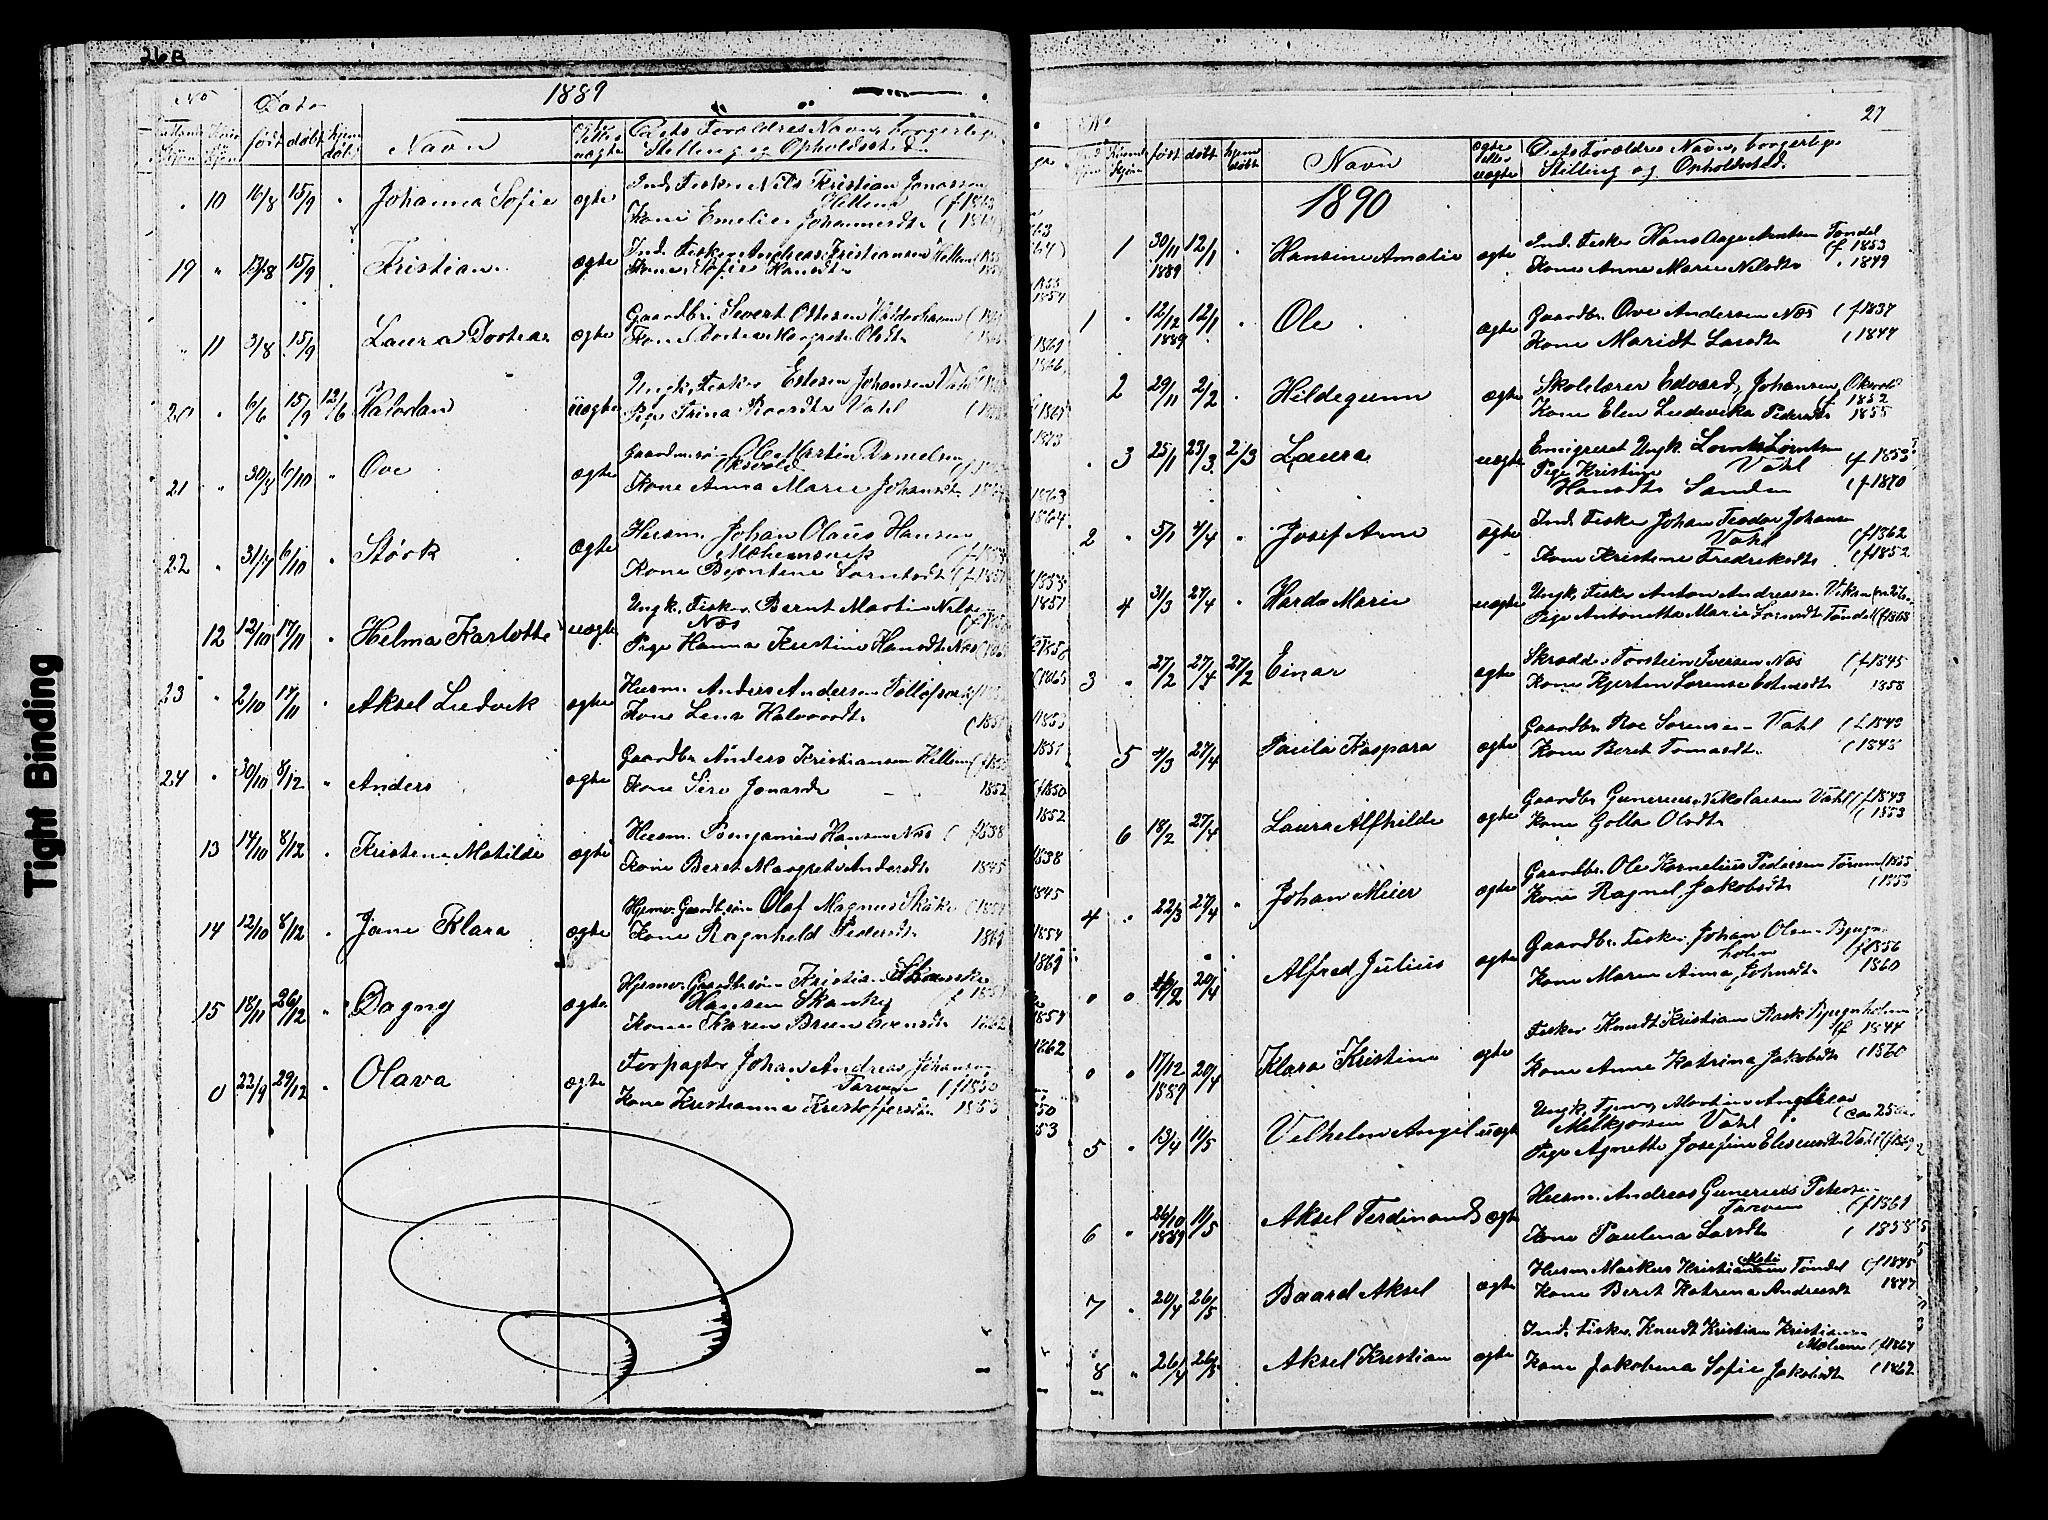 SAT, Ministerialprotokoller, klokkerbøker og fødselsregistre - Sør-Trøndelag, 652/L0653: Klokkerbok nr. 652C01, 1866-1910, s. 27